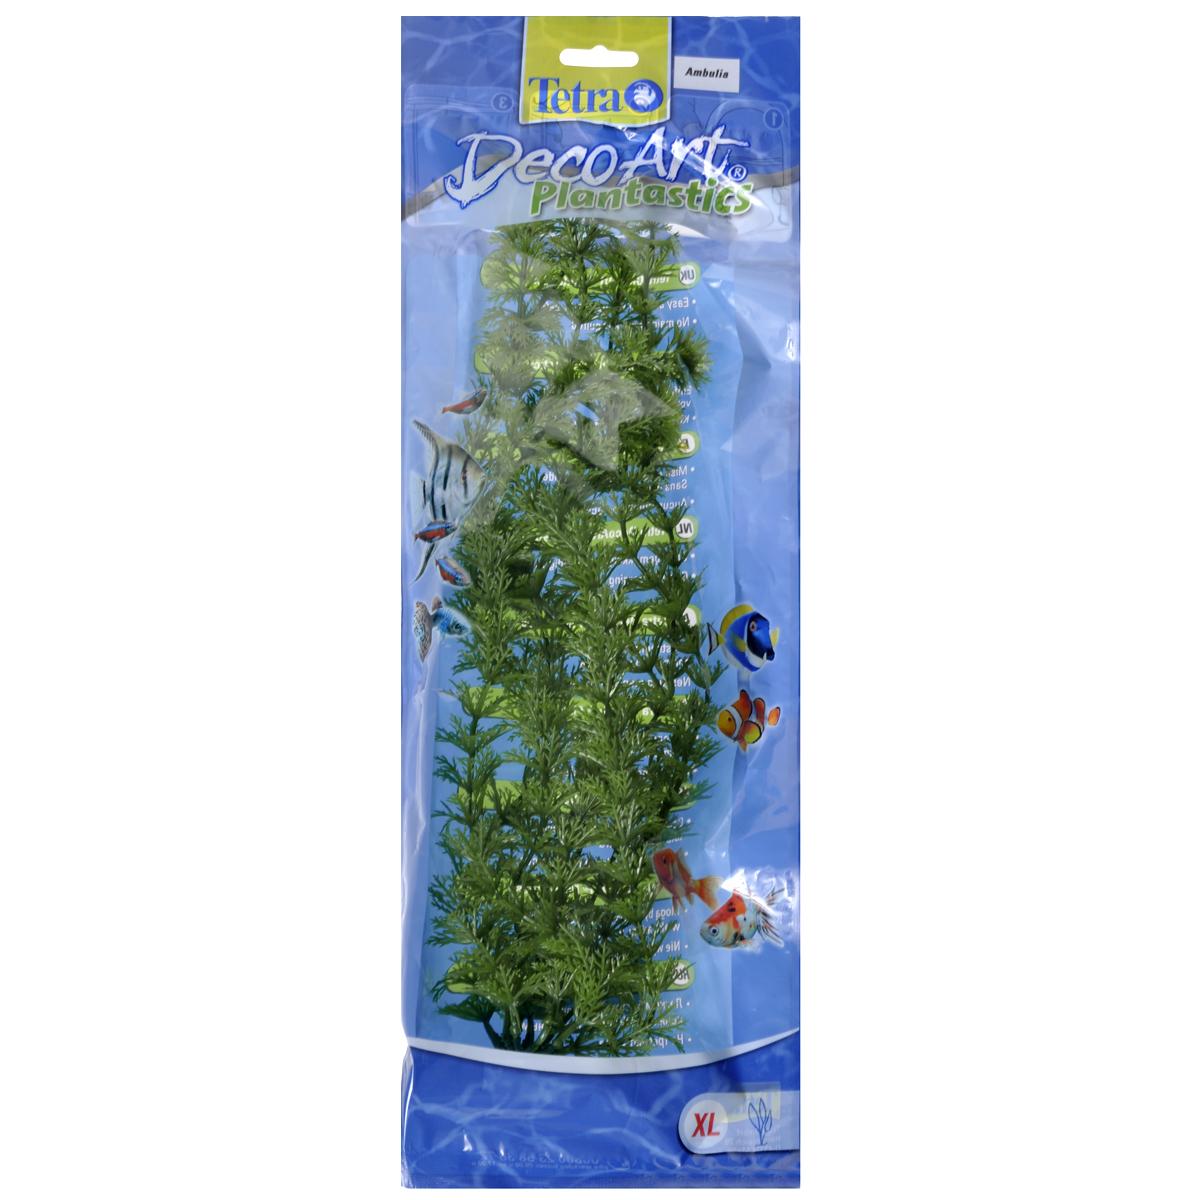 Искусственное растение для аквариума Tetra Амбулия XL0120710Это растение хорошо подойдет для оформления аквариума.Естественно выглядящее искусственное растение;Для использования в любых аквариумах;Создает отличное место для укрытия (в т.ч. для метания икры);Легко и быстро устанавливается, является абсолютно безопасным;Не требует ухода;Долгое время не теряет форму и окраску. Высота растения: 38 см.